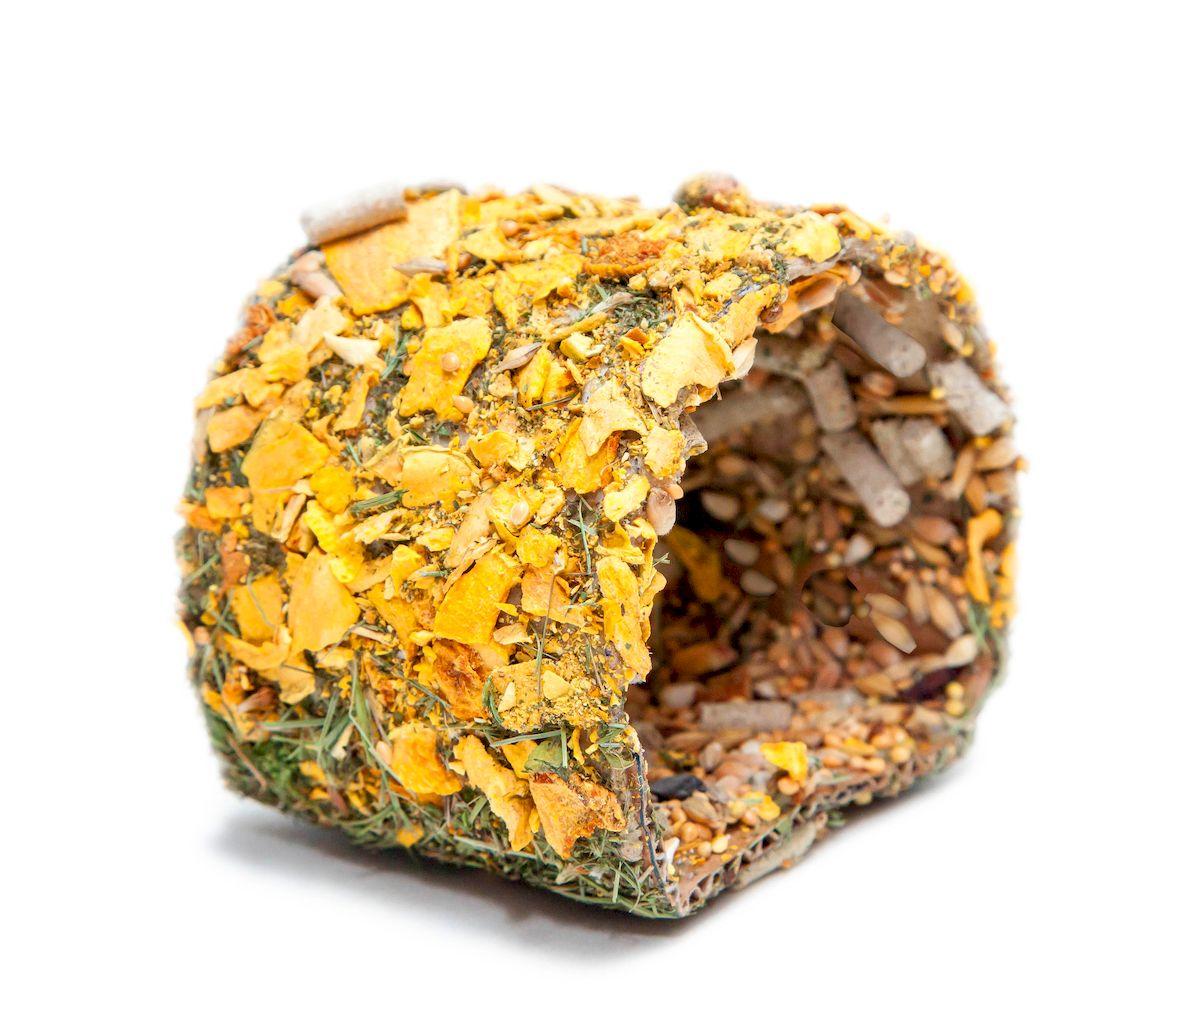 Лакомство для грызунов Престиж Домик Хомы4627092861515Домик Хомы Престиж - это прекрасное лакомство для домашних грызунов. Лакомство для грызунов не только порадует их вкусом, но и послужит в качестве удобного места для ночлега. Домик наполнен сушеными яблоками, тыквой, морковью, отборным зерном и разнообразием семечек. Домик является не только чудесной игрушкой, но и источником витаминов и минералов, необходимых для правильного развития домашних грызунов (кроликов, морских свинок, шиншилл.)Состав: зеленое сено Люкс премиум класса, сушеные фрукты и овощи (яблоки, тыква, морковь), просо, семена подсолнечника, гранулы для хомяков, пшеница, овес, кукуруза.Товар сертифицирован.